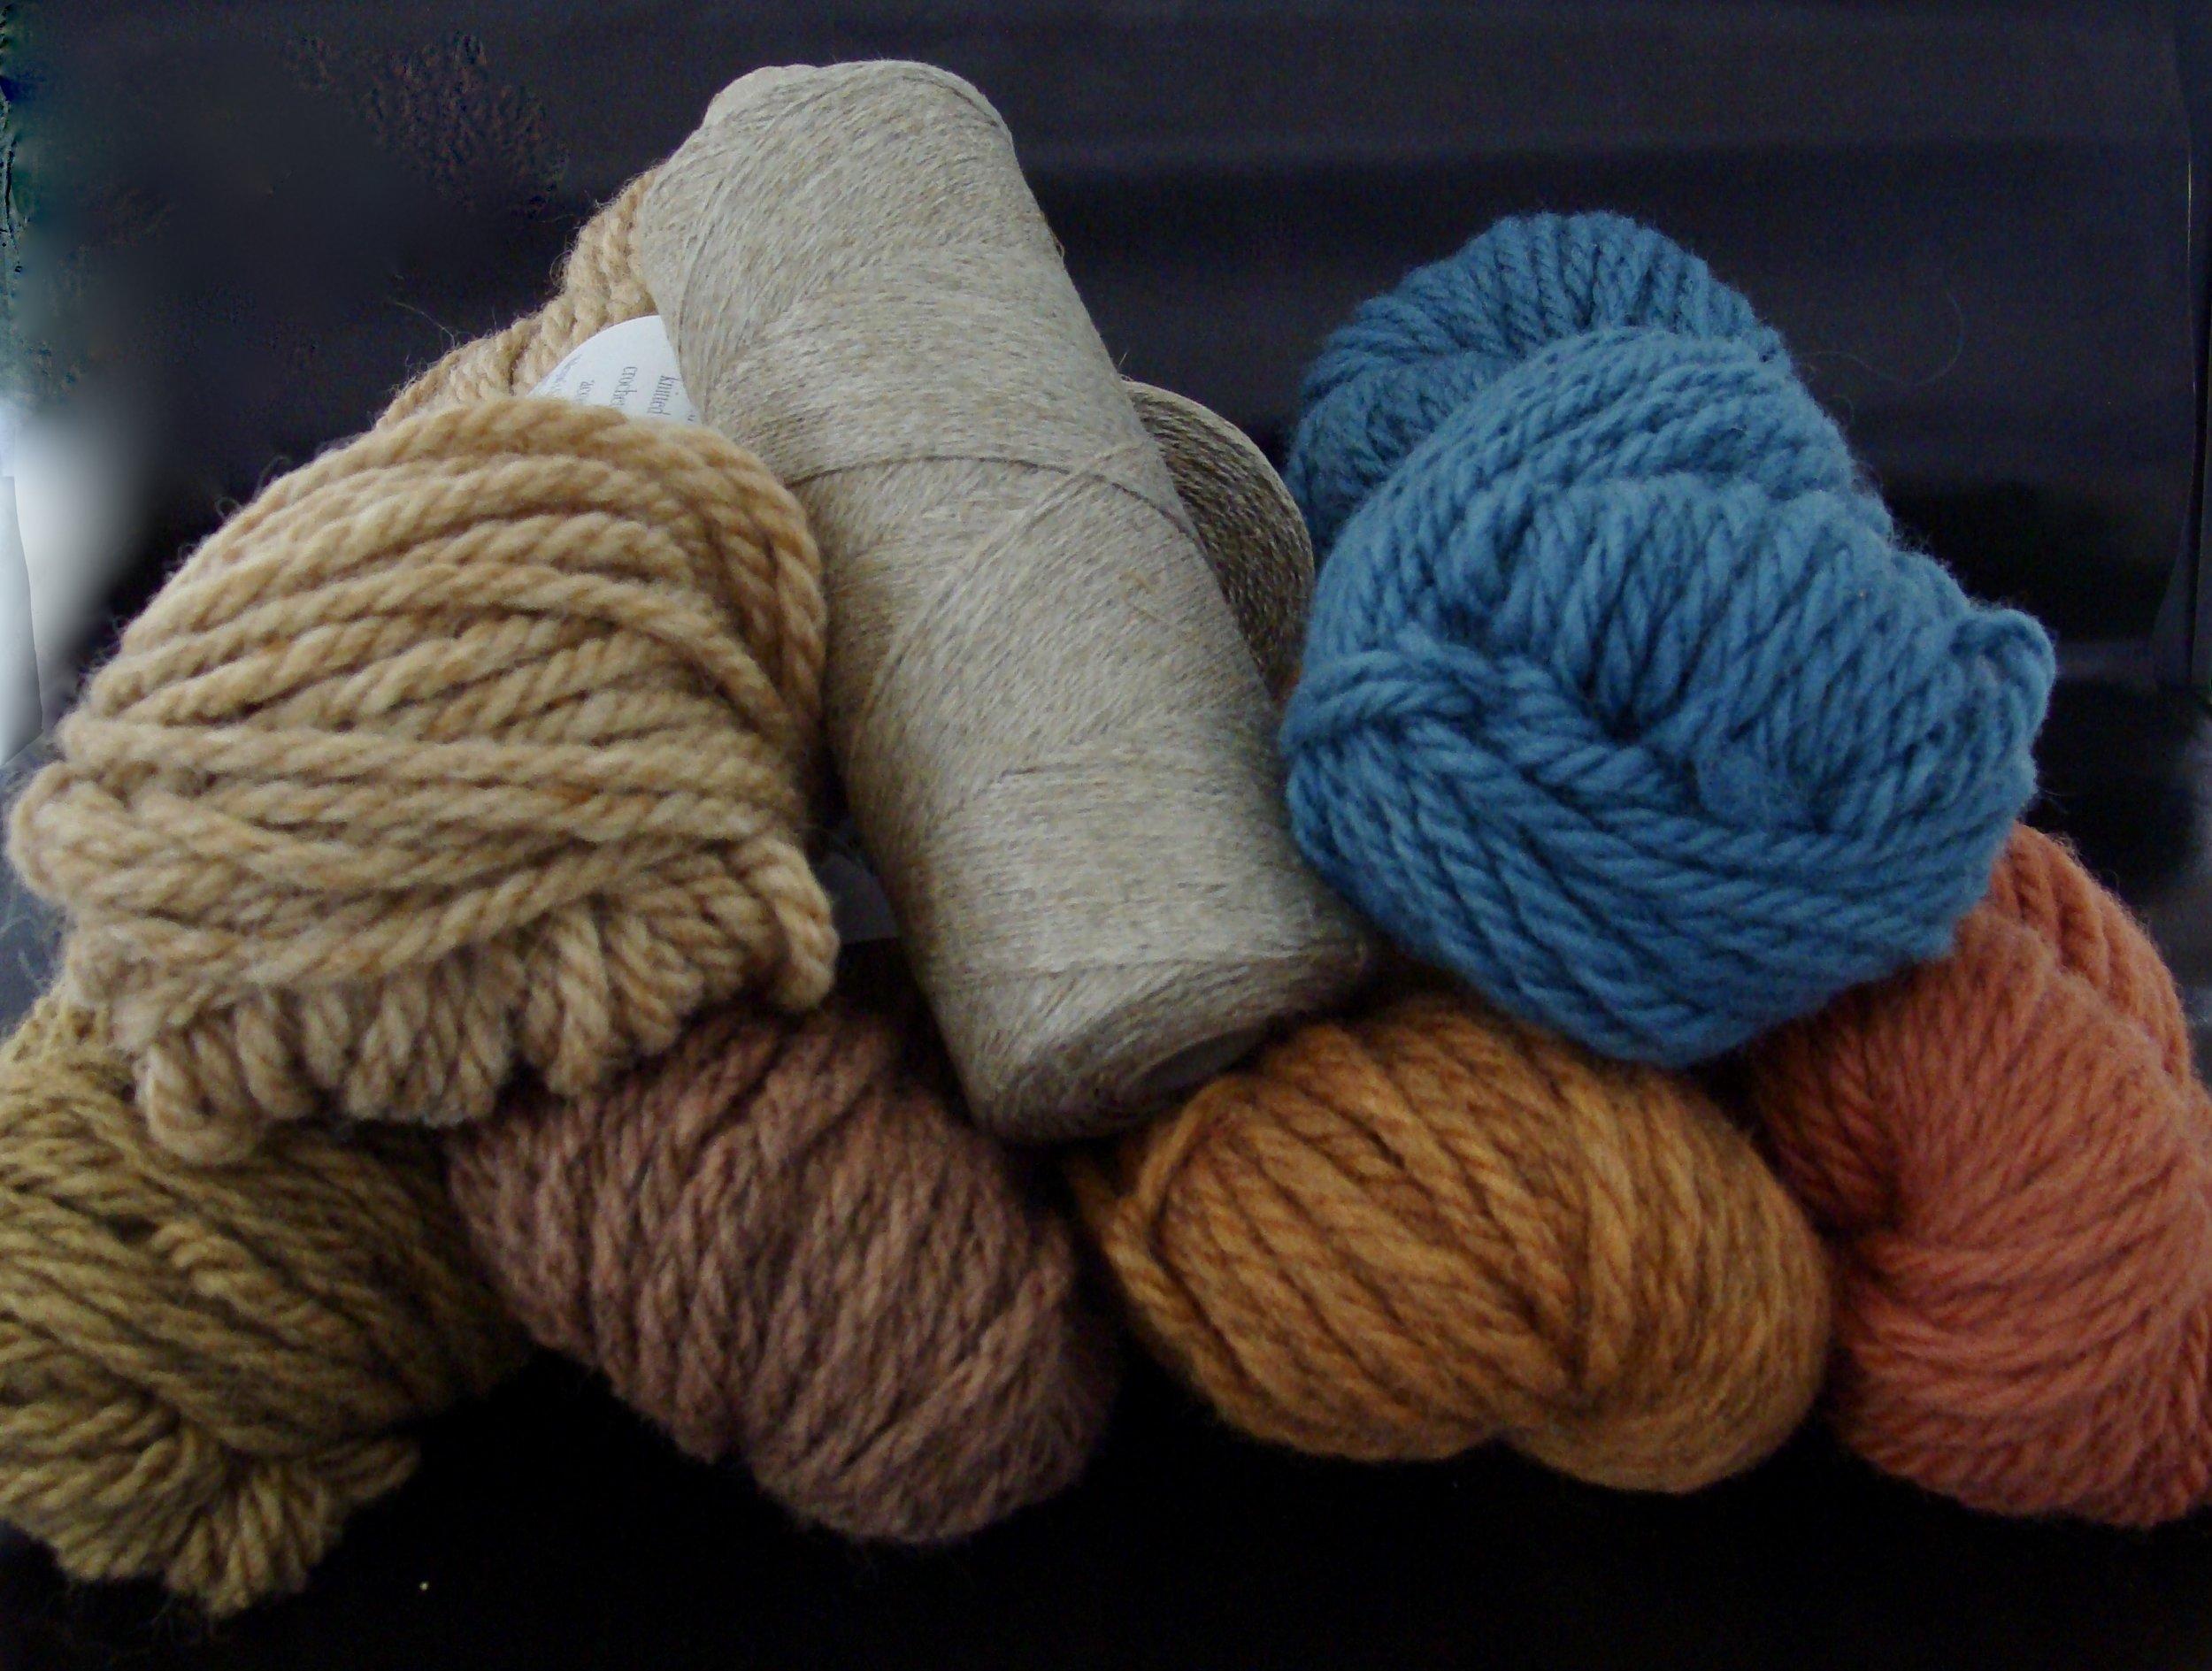 wool yarn & linen warp ready for krokbragd rug project